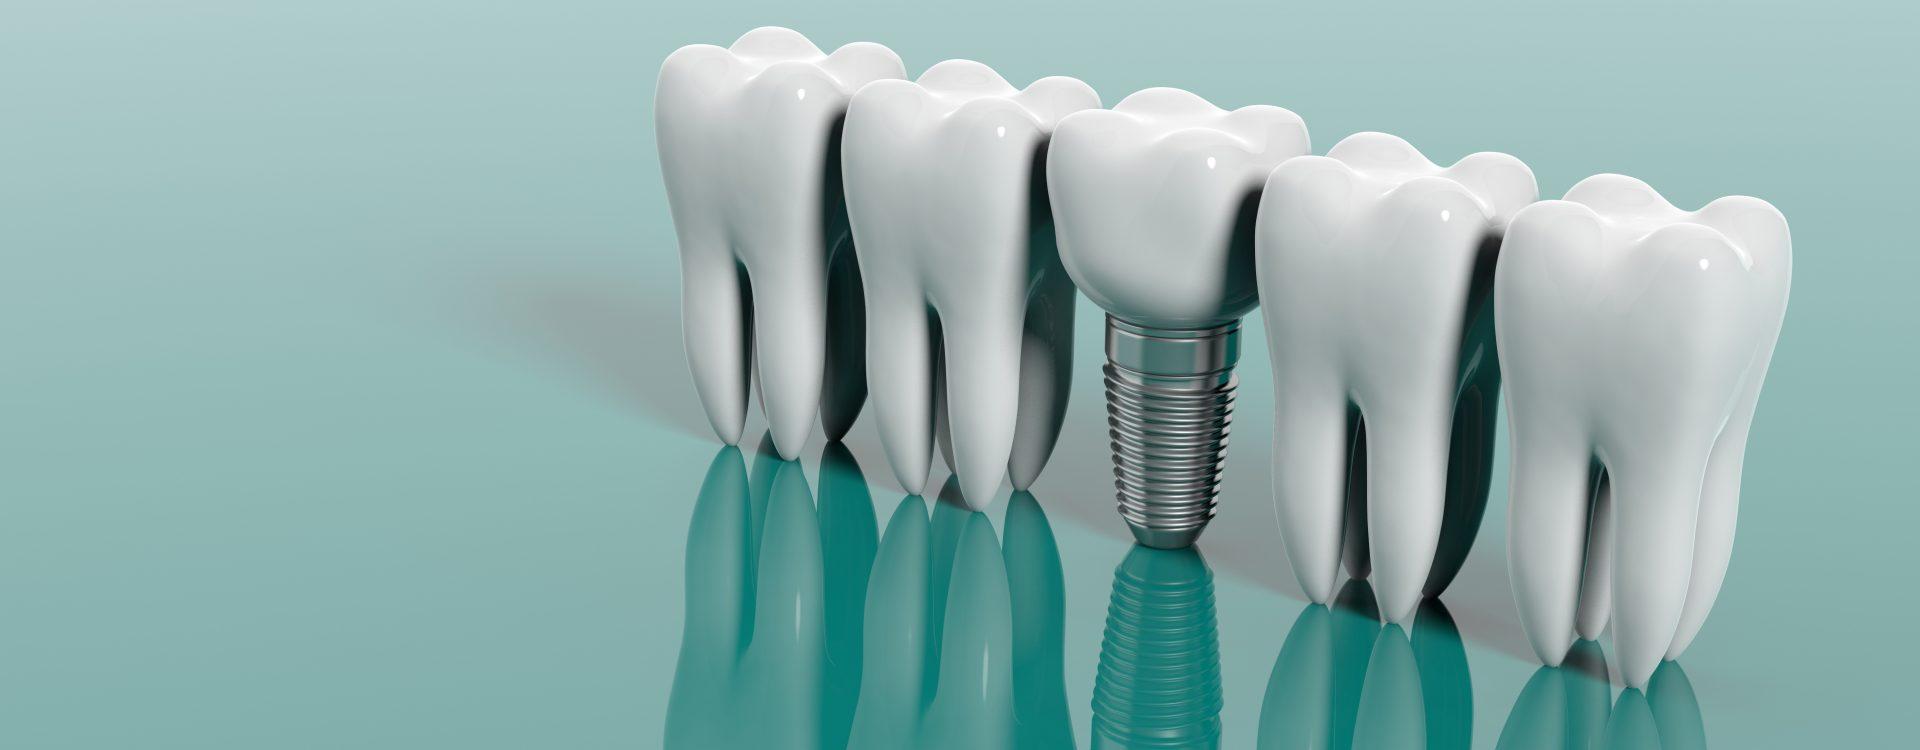 diferencia-entre-implantes-y-protesis-dentales